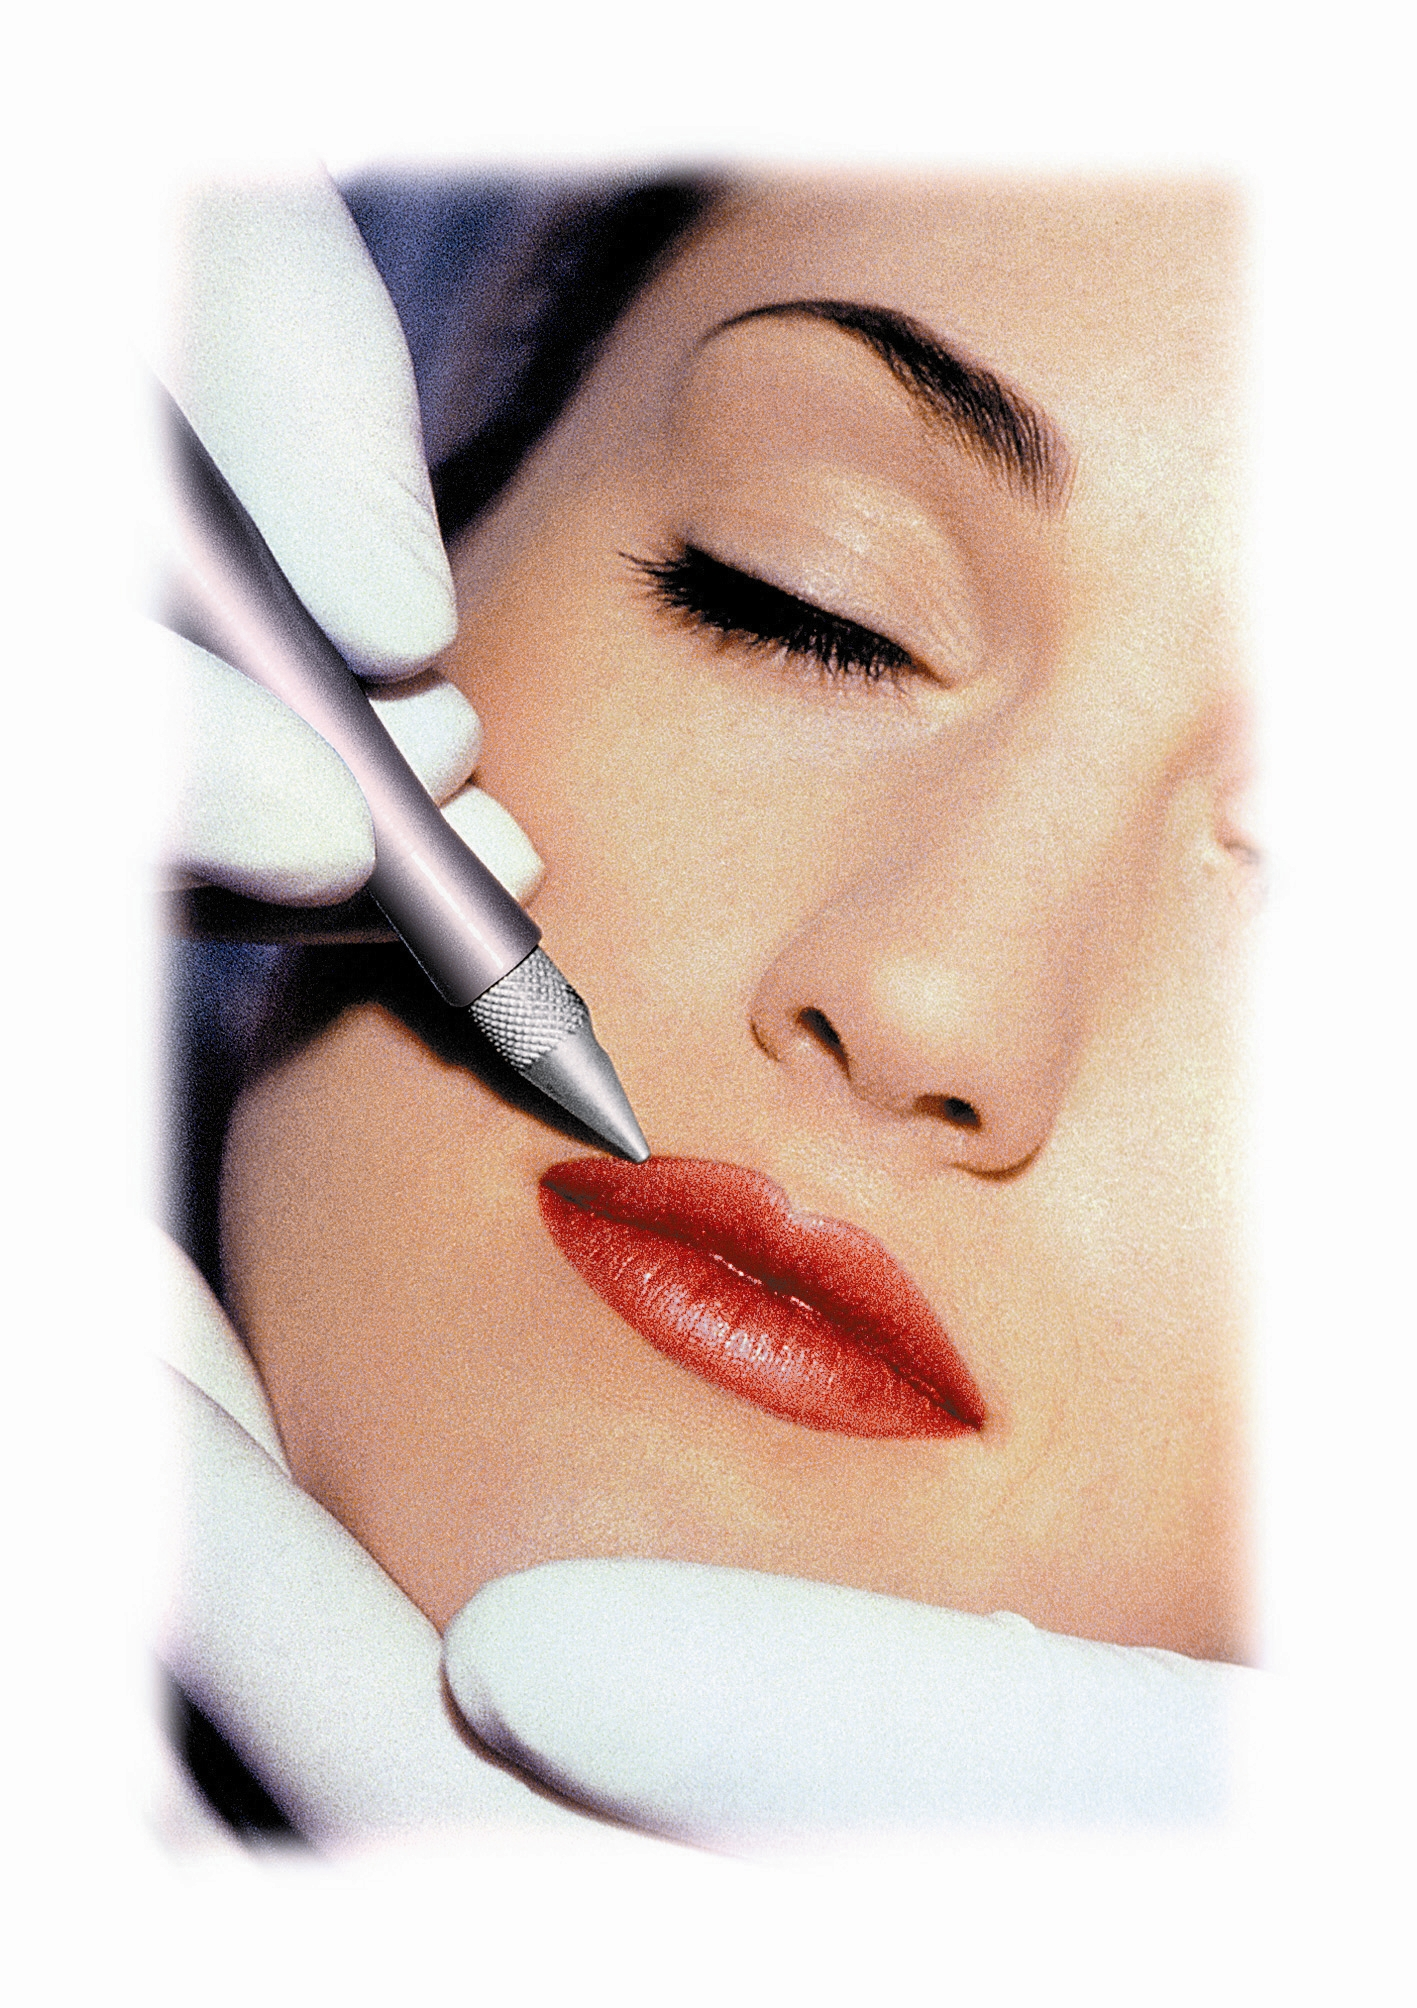 Обучение перманентному макияжу брянск